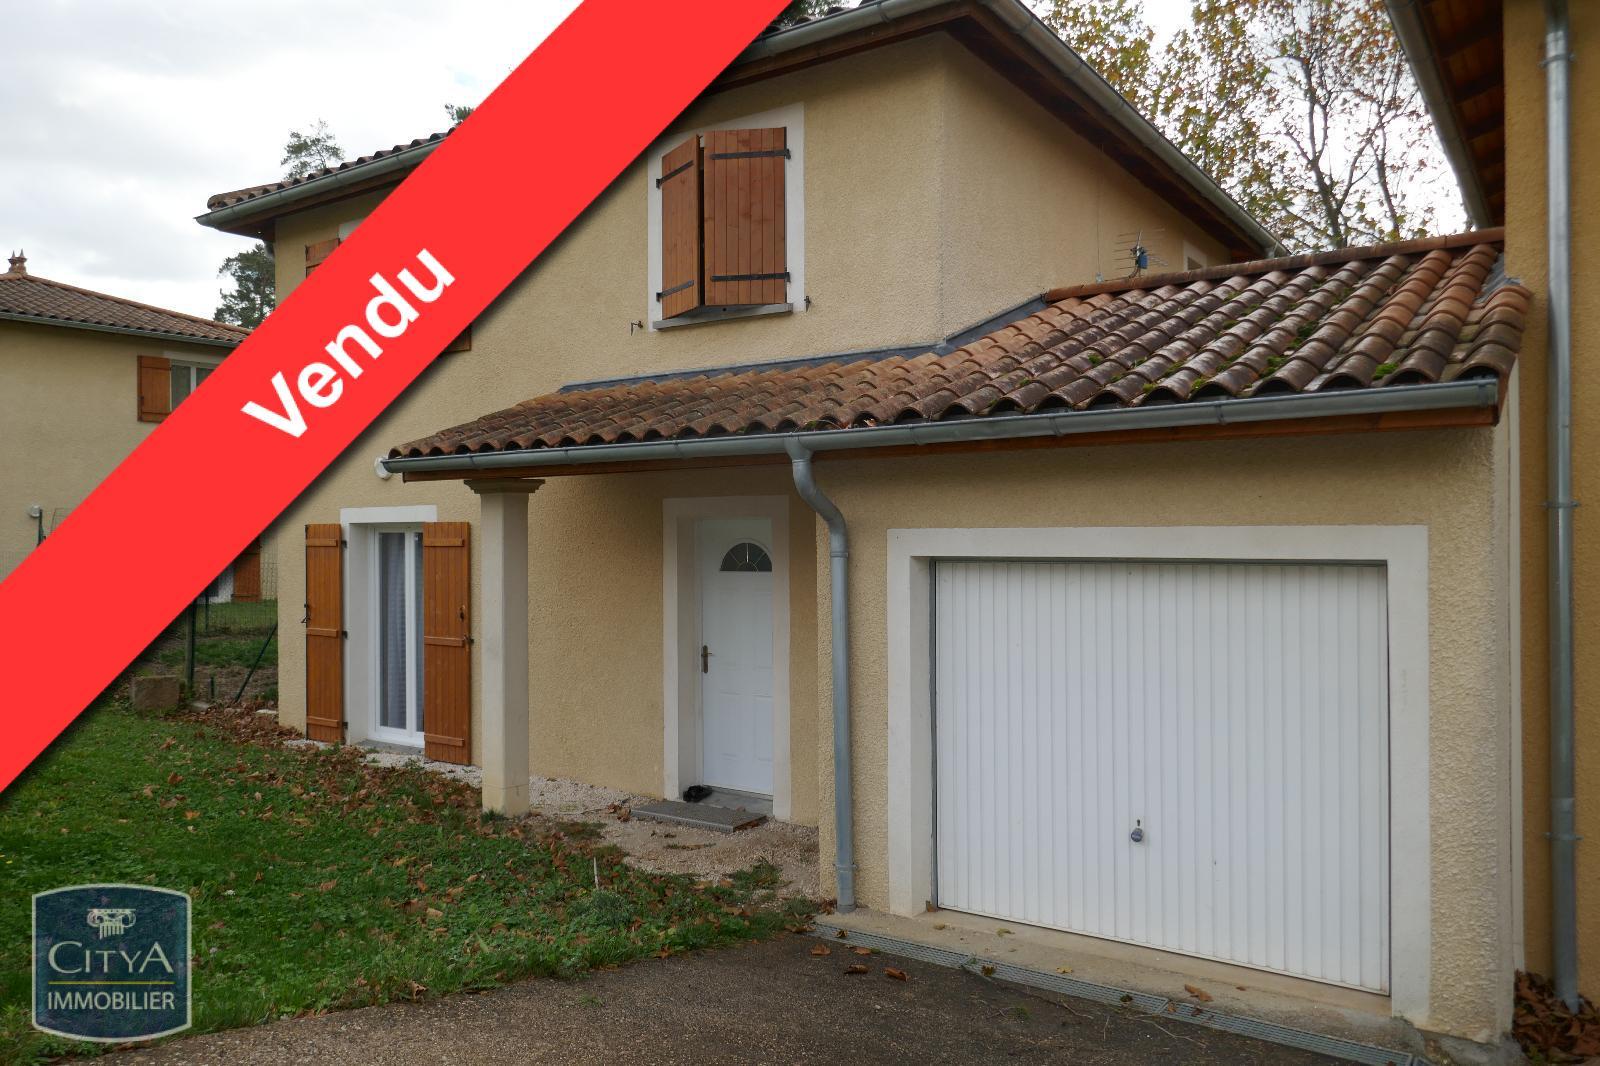 Maison/villa 5 pièces 90 m²